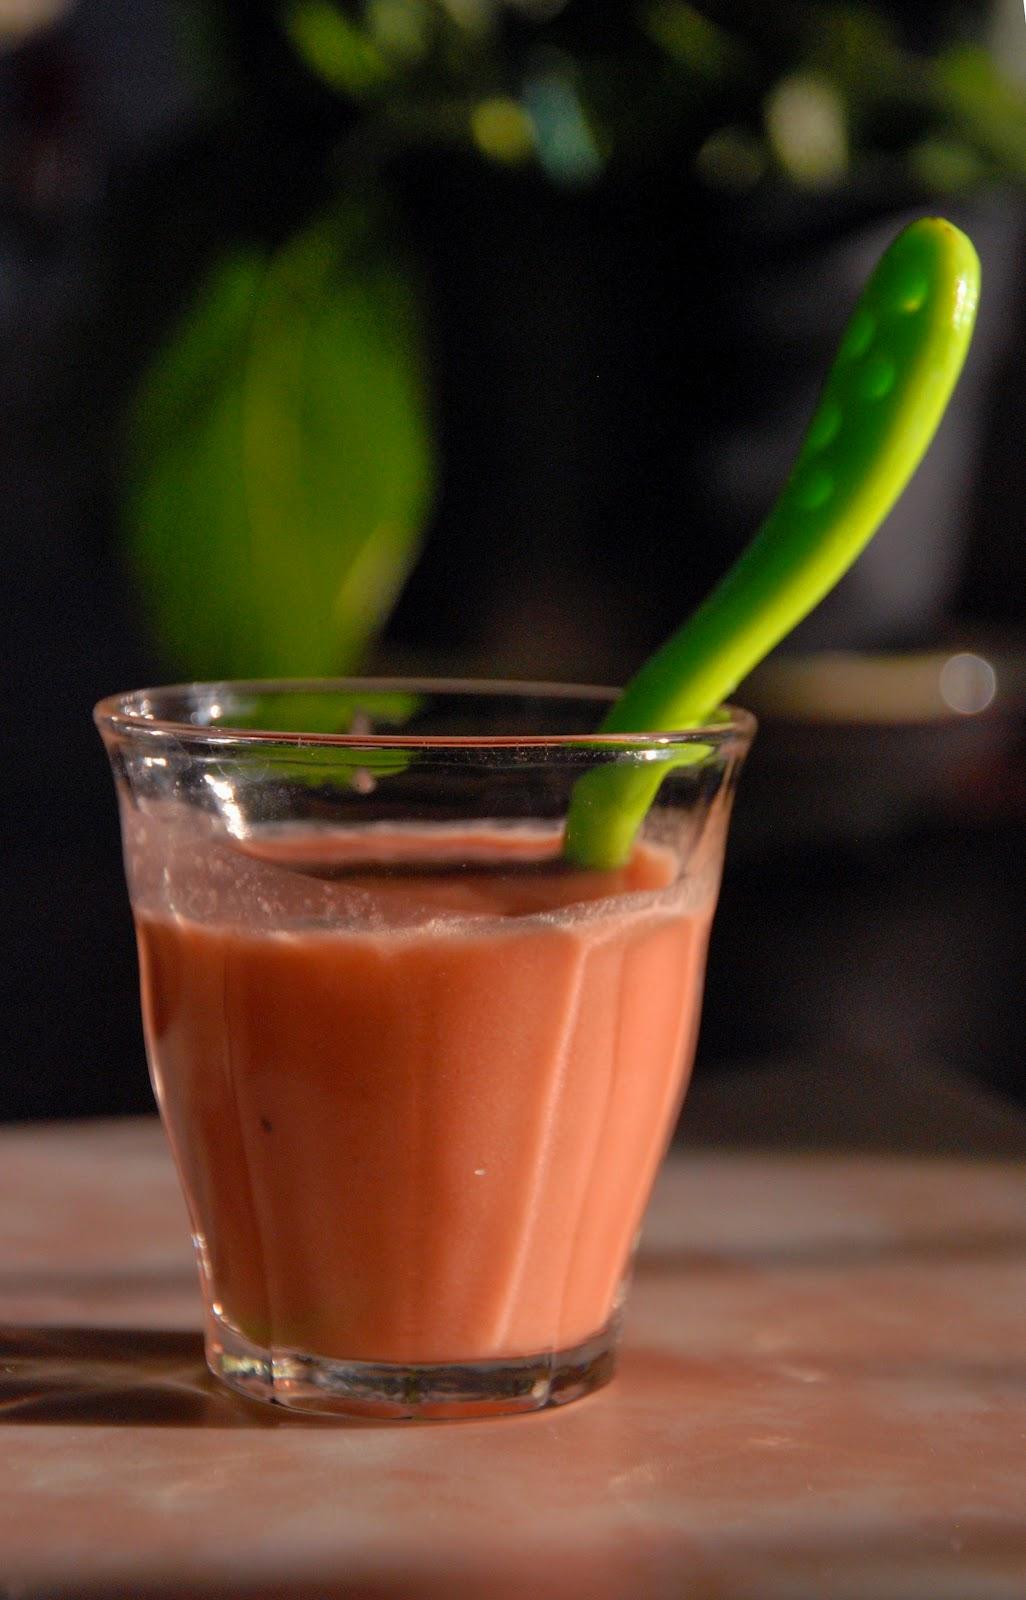 gazpacho in a glass